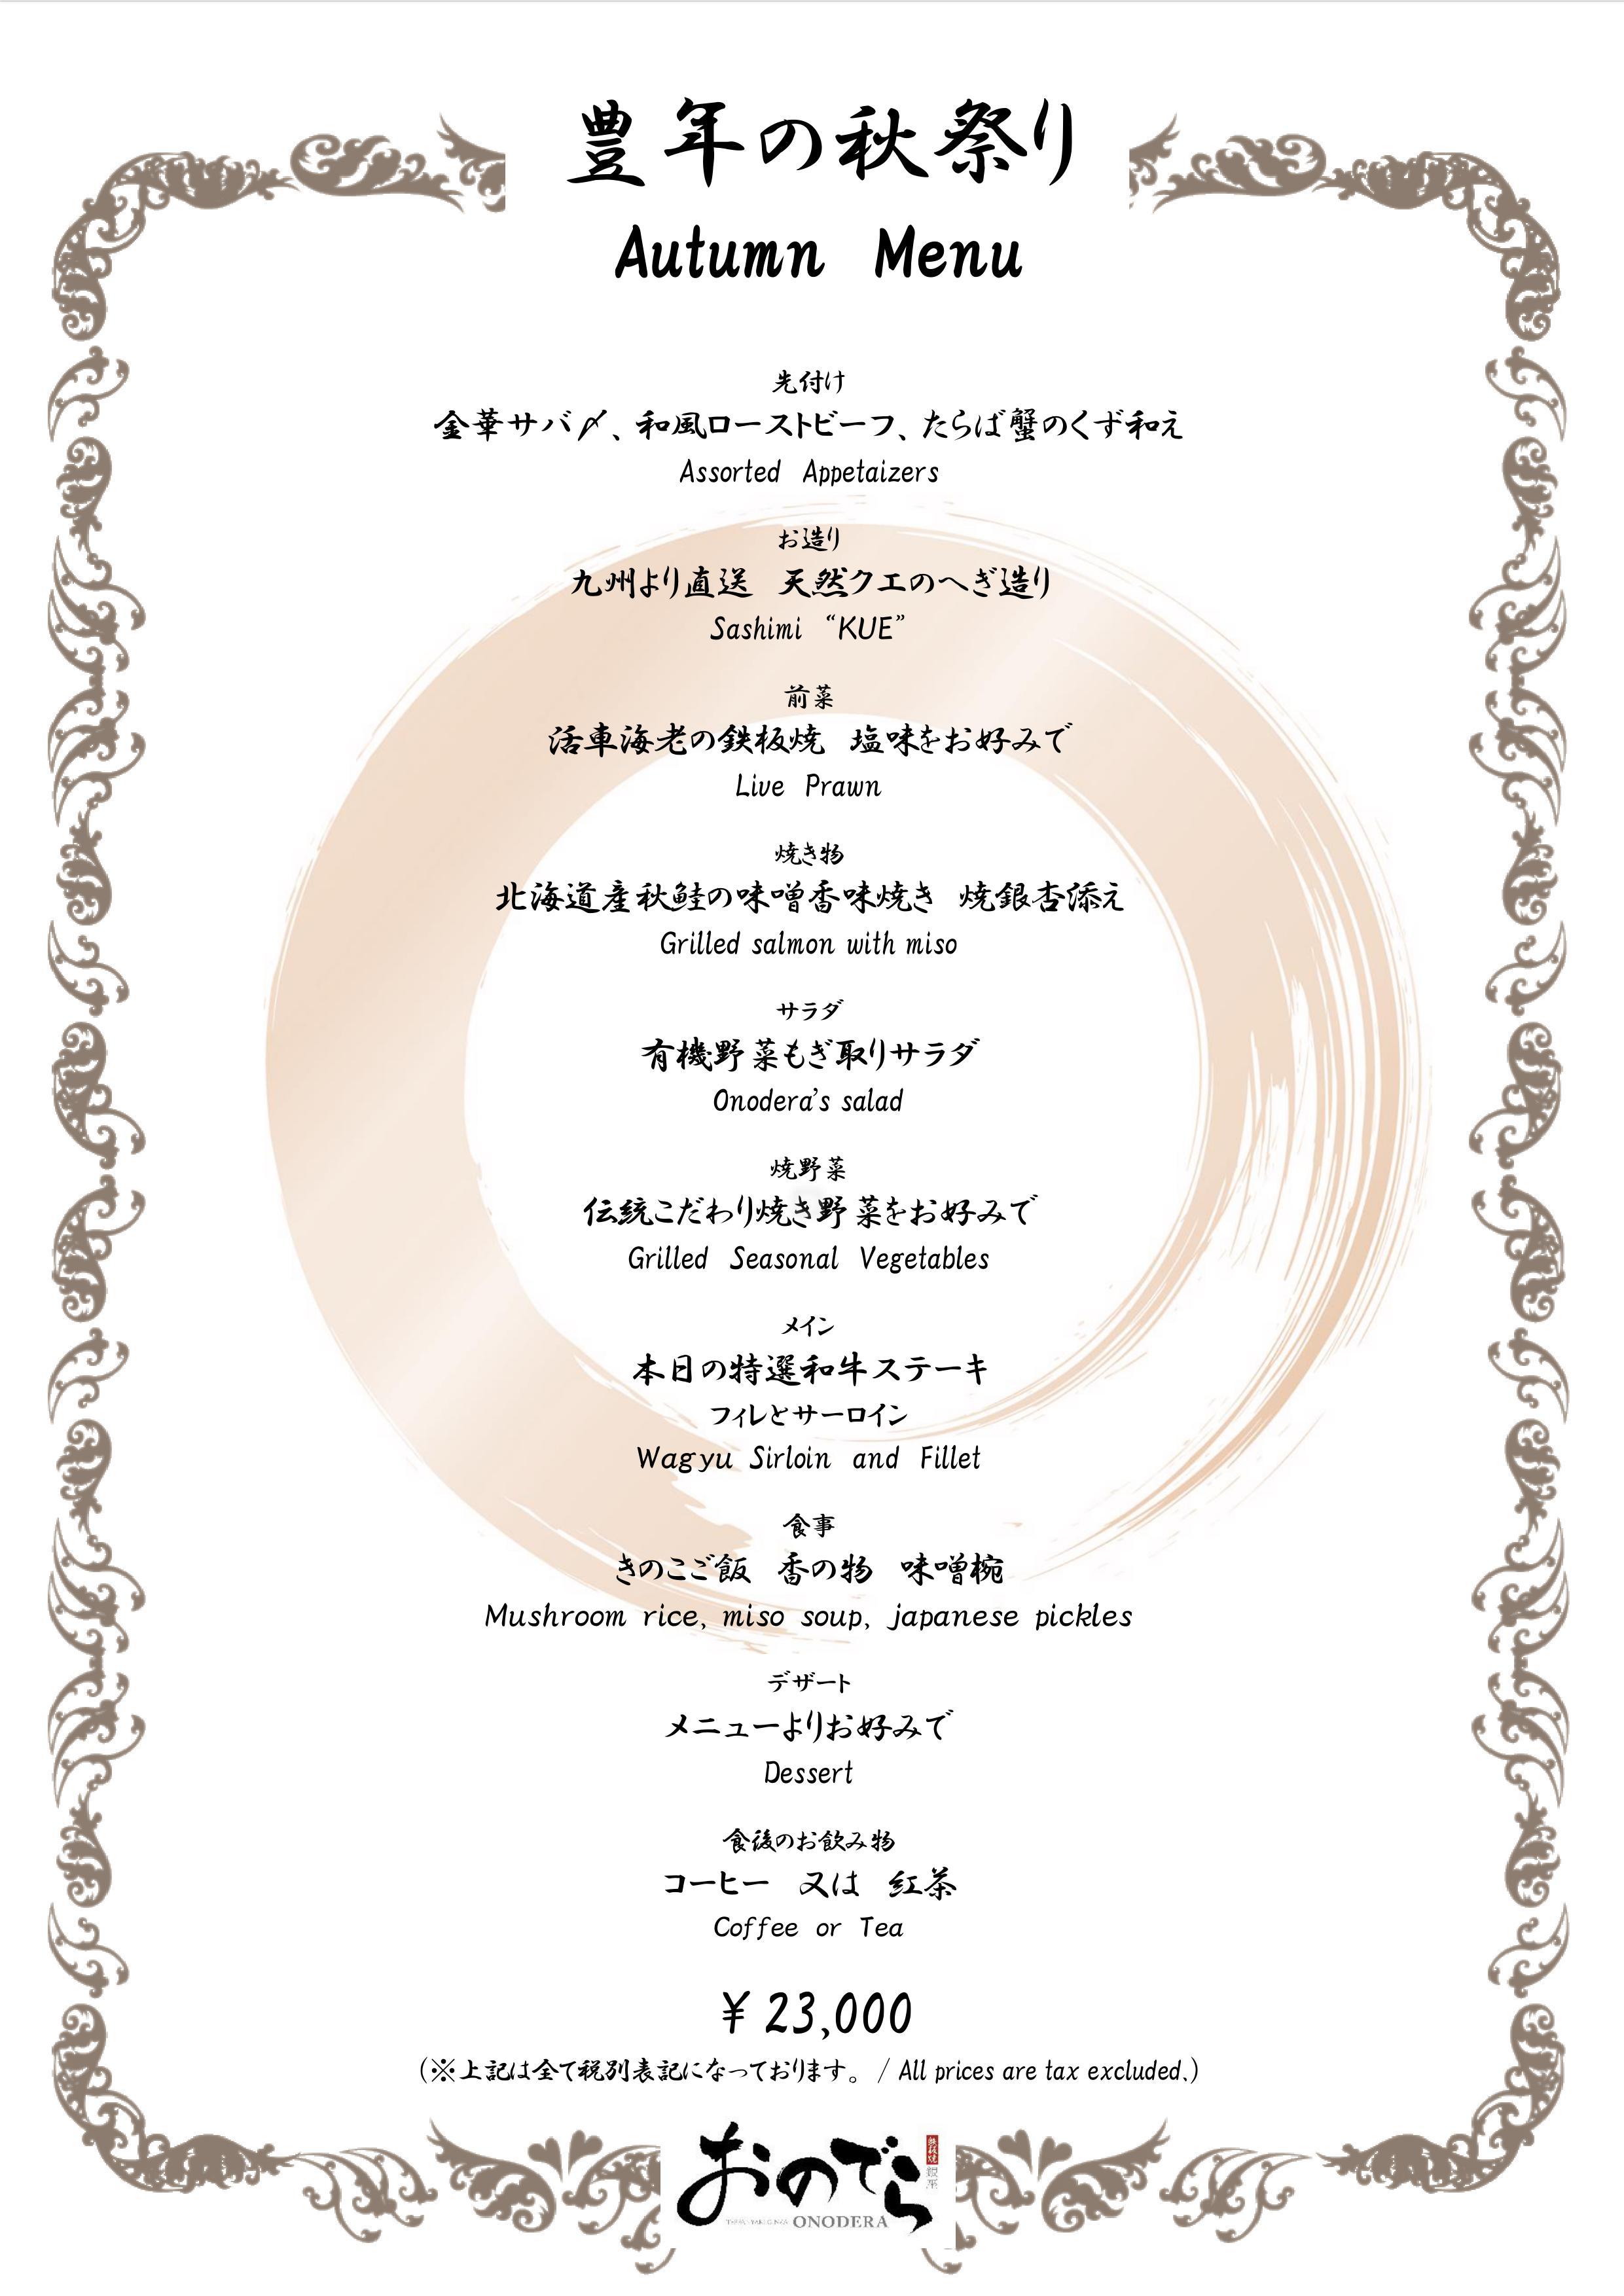 鉄板焼 [銀座店] ★Special Dinner Menu (Autum, 2019)1